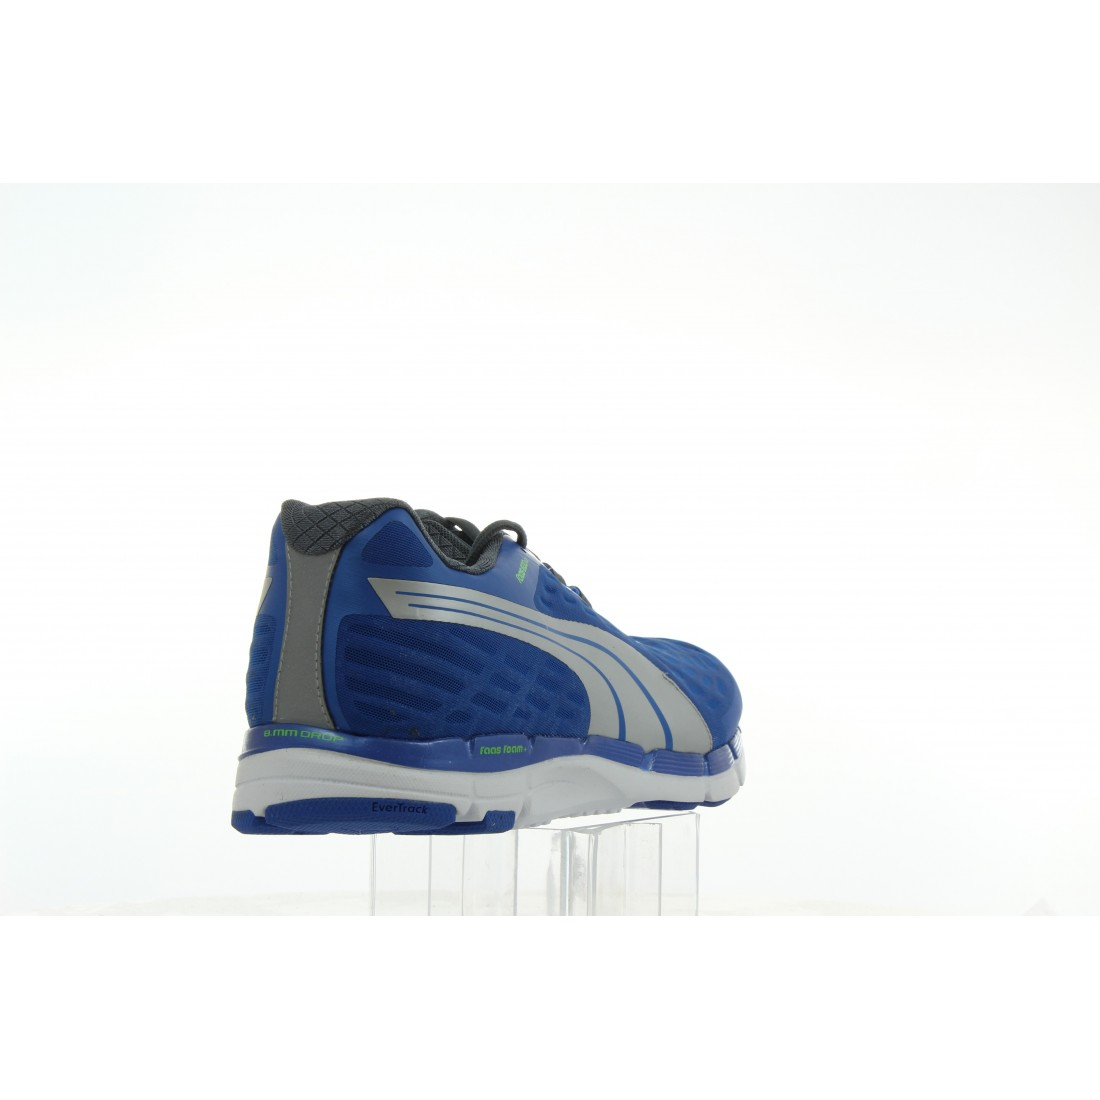 187296 08 Niebieski